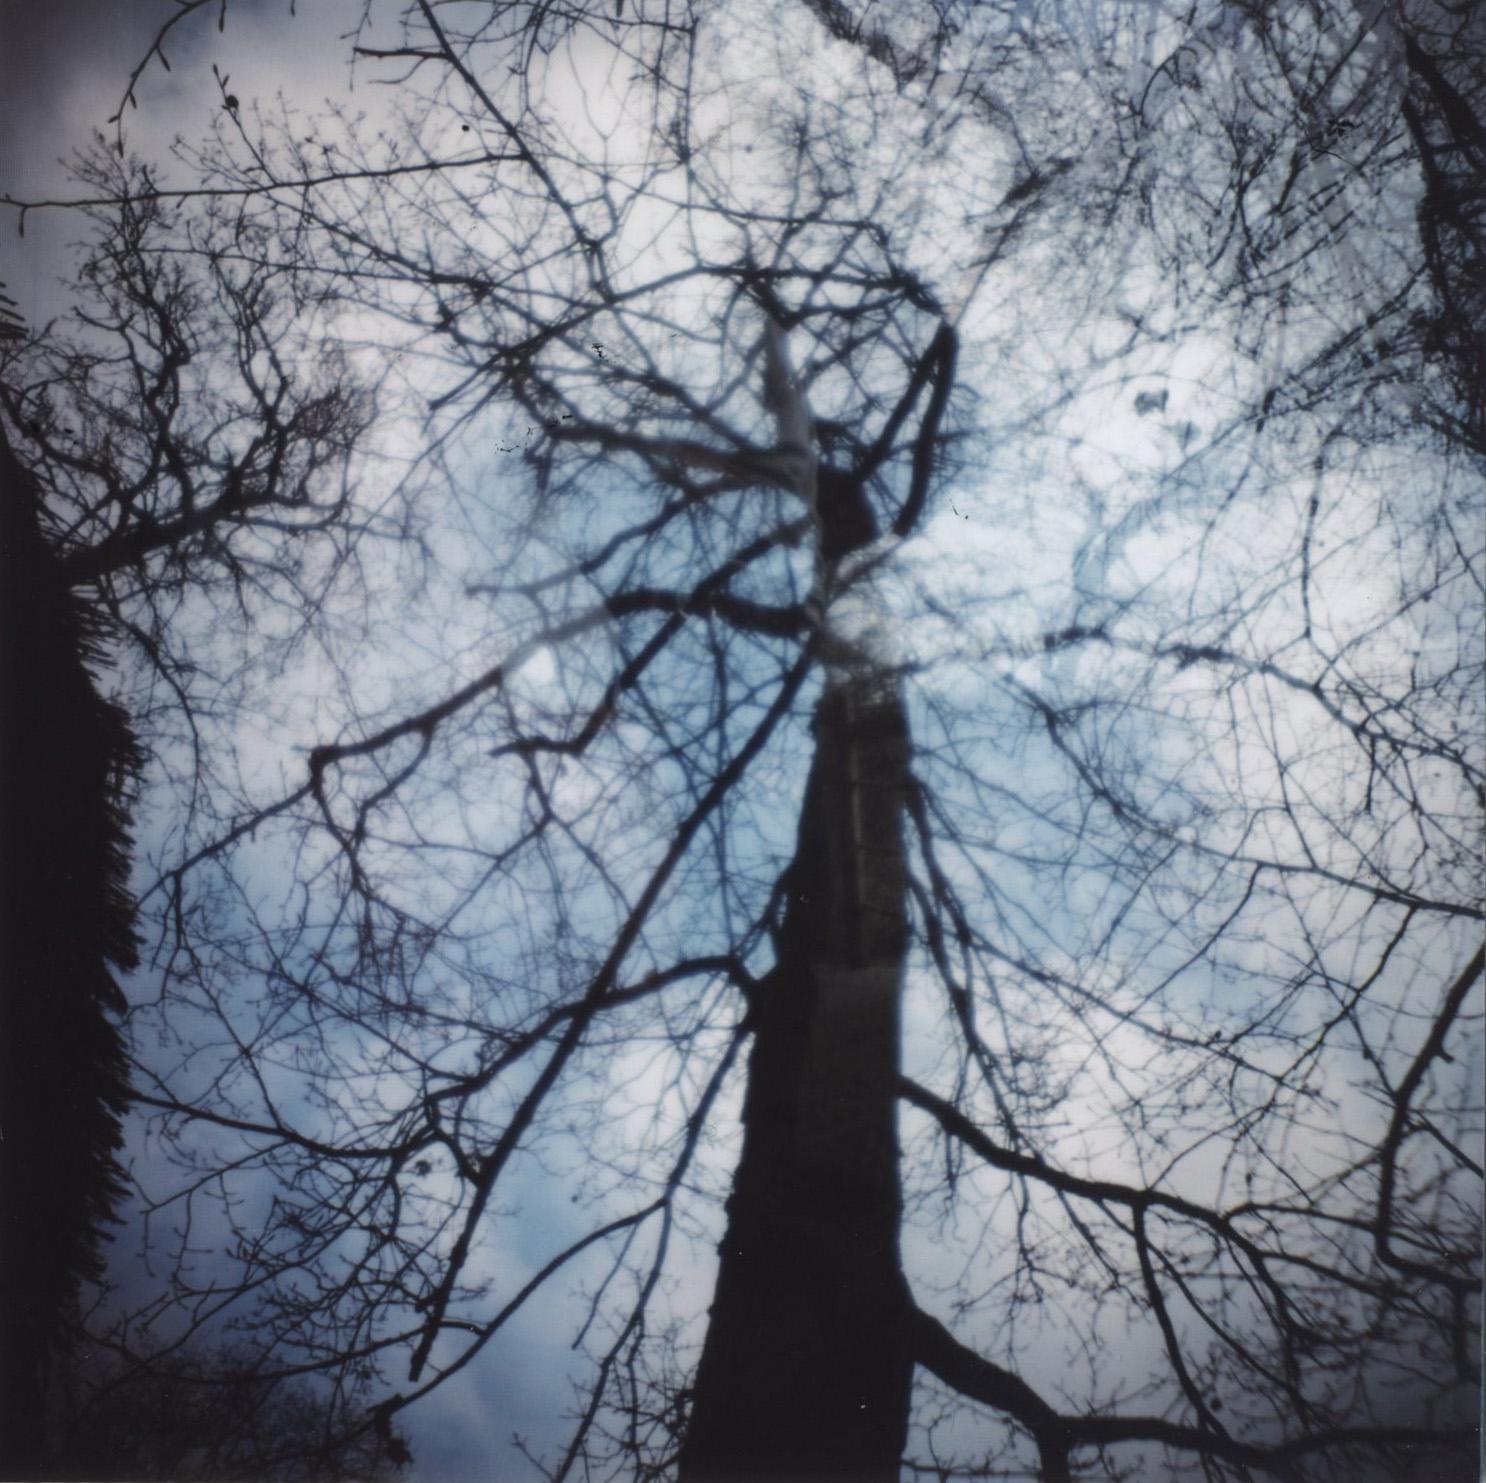 arbre006